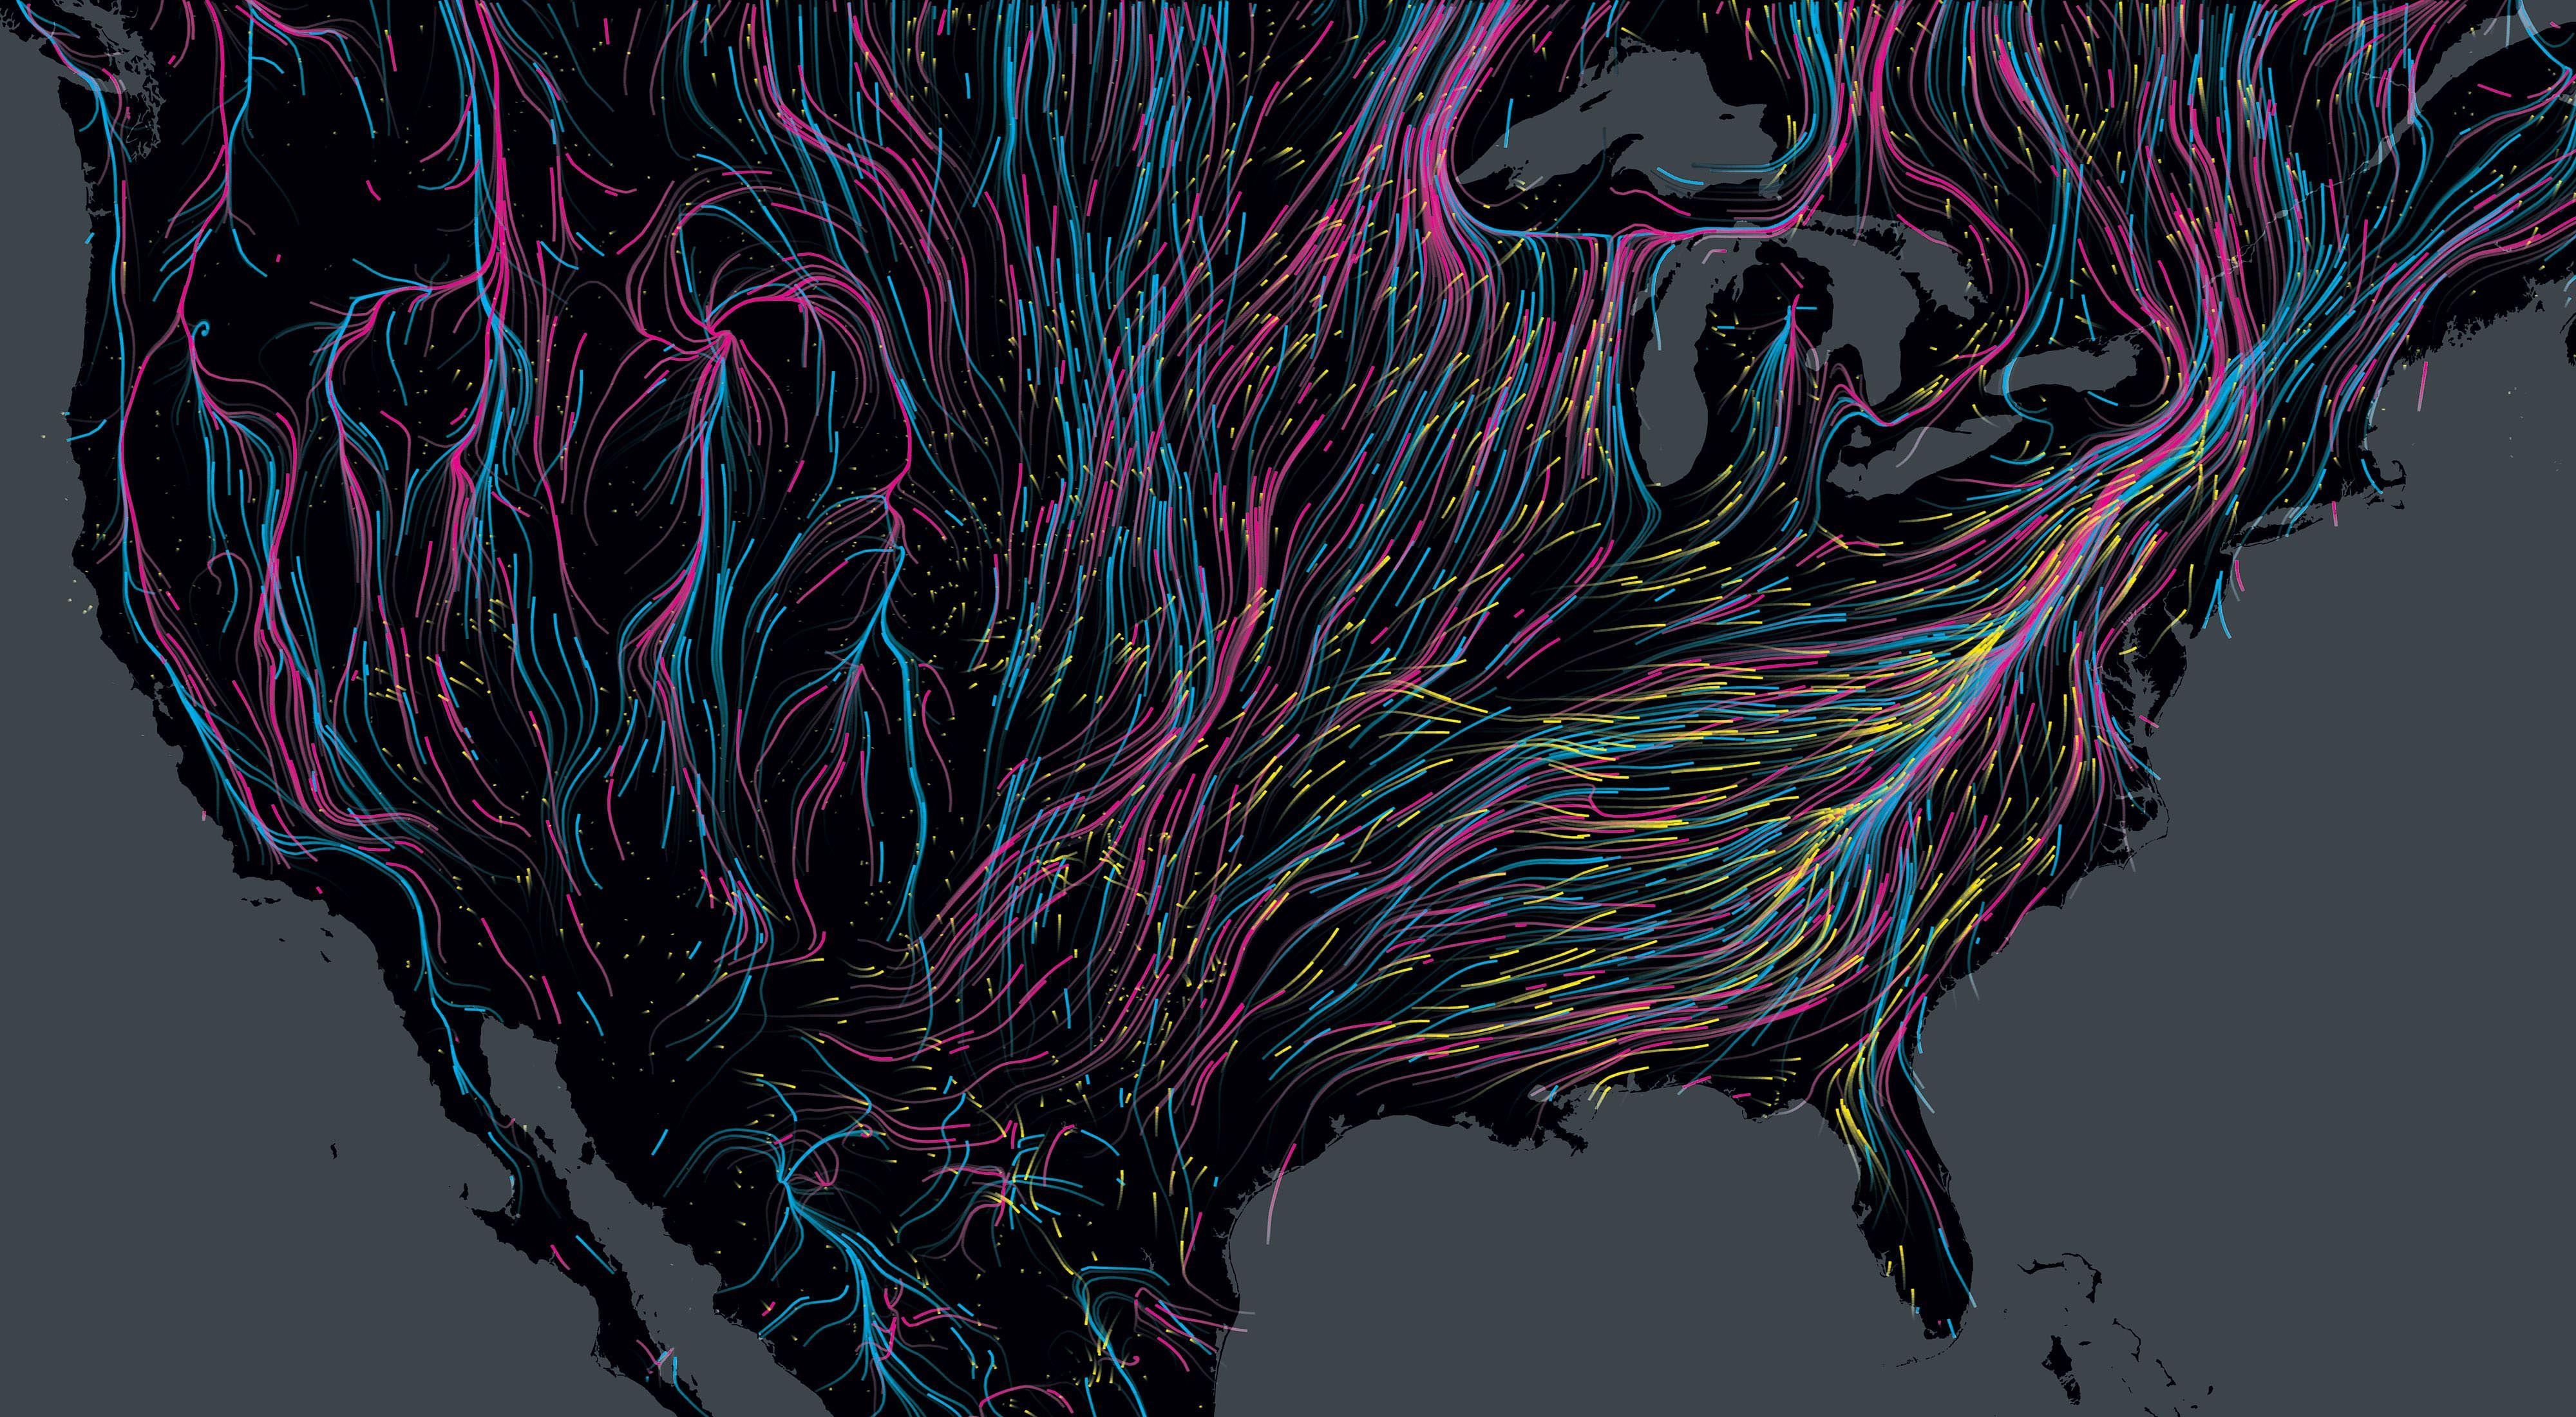 Un mapa de los Estados Unidos se entrecruza con los coloridos caminos que toman diferentes animales mientras migran.